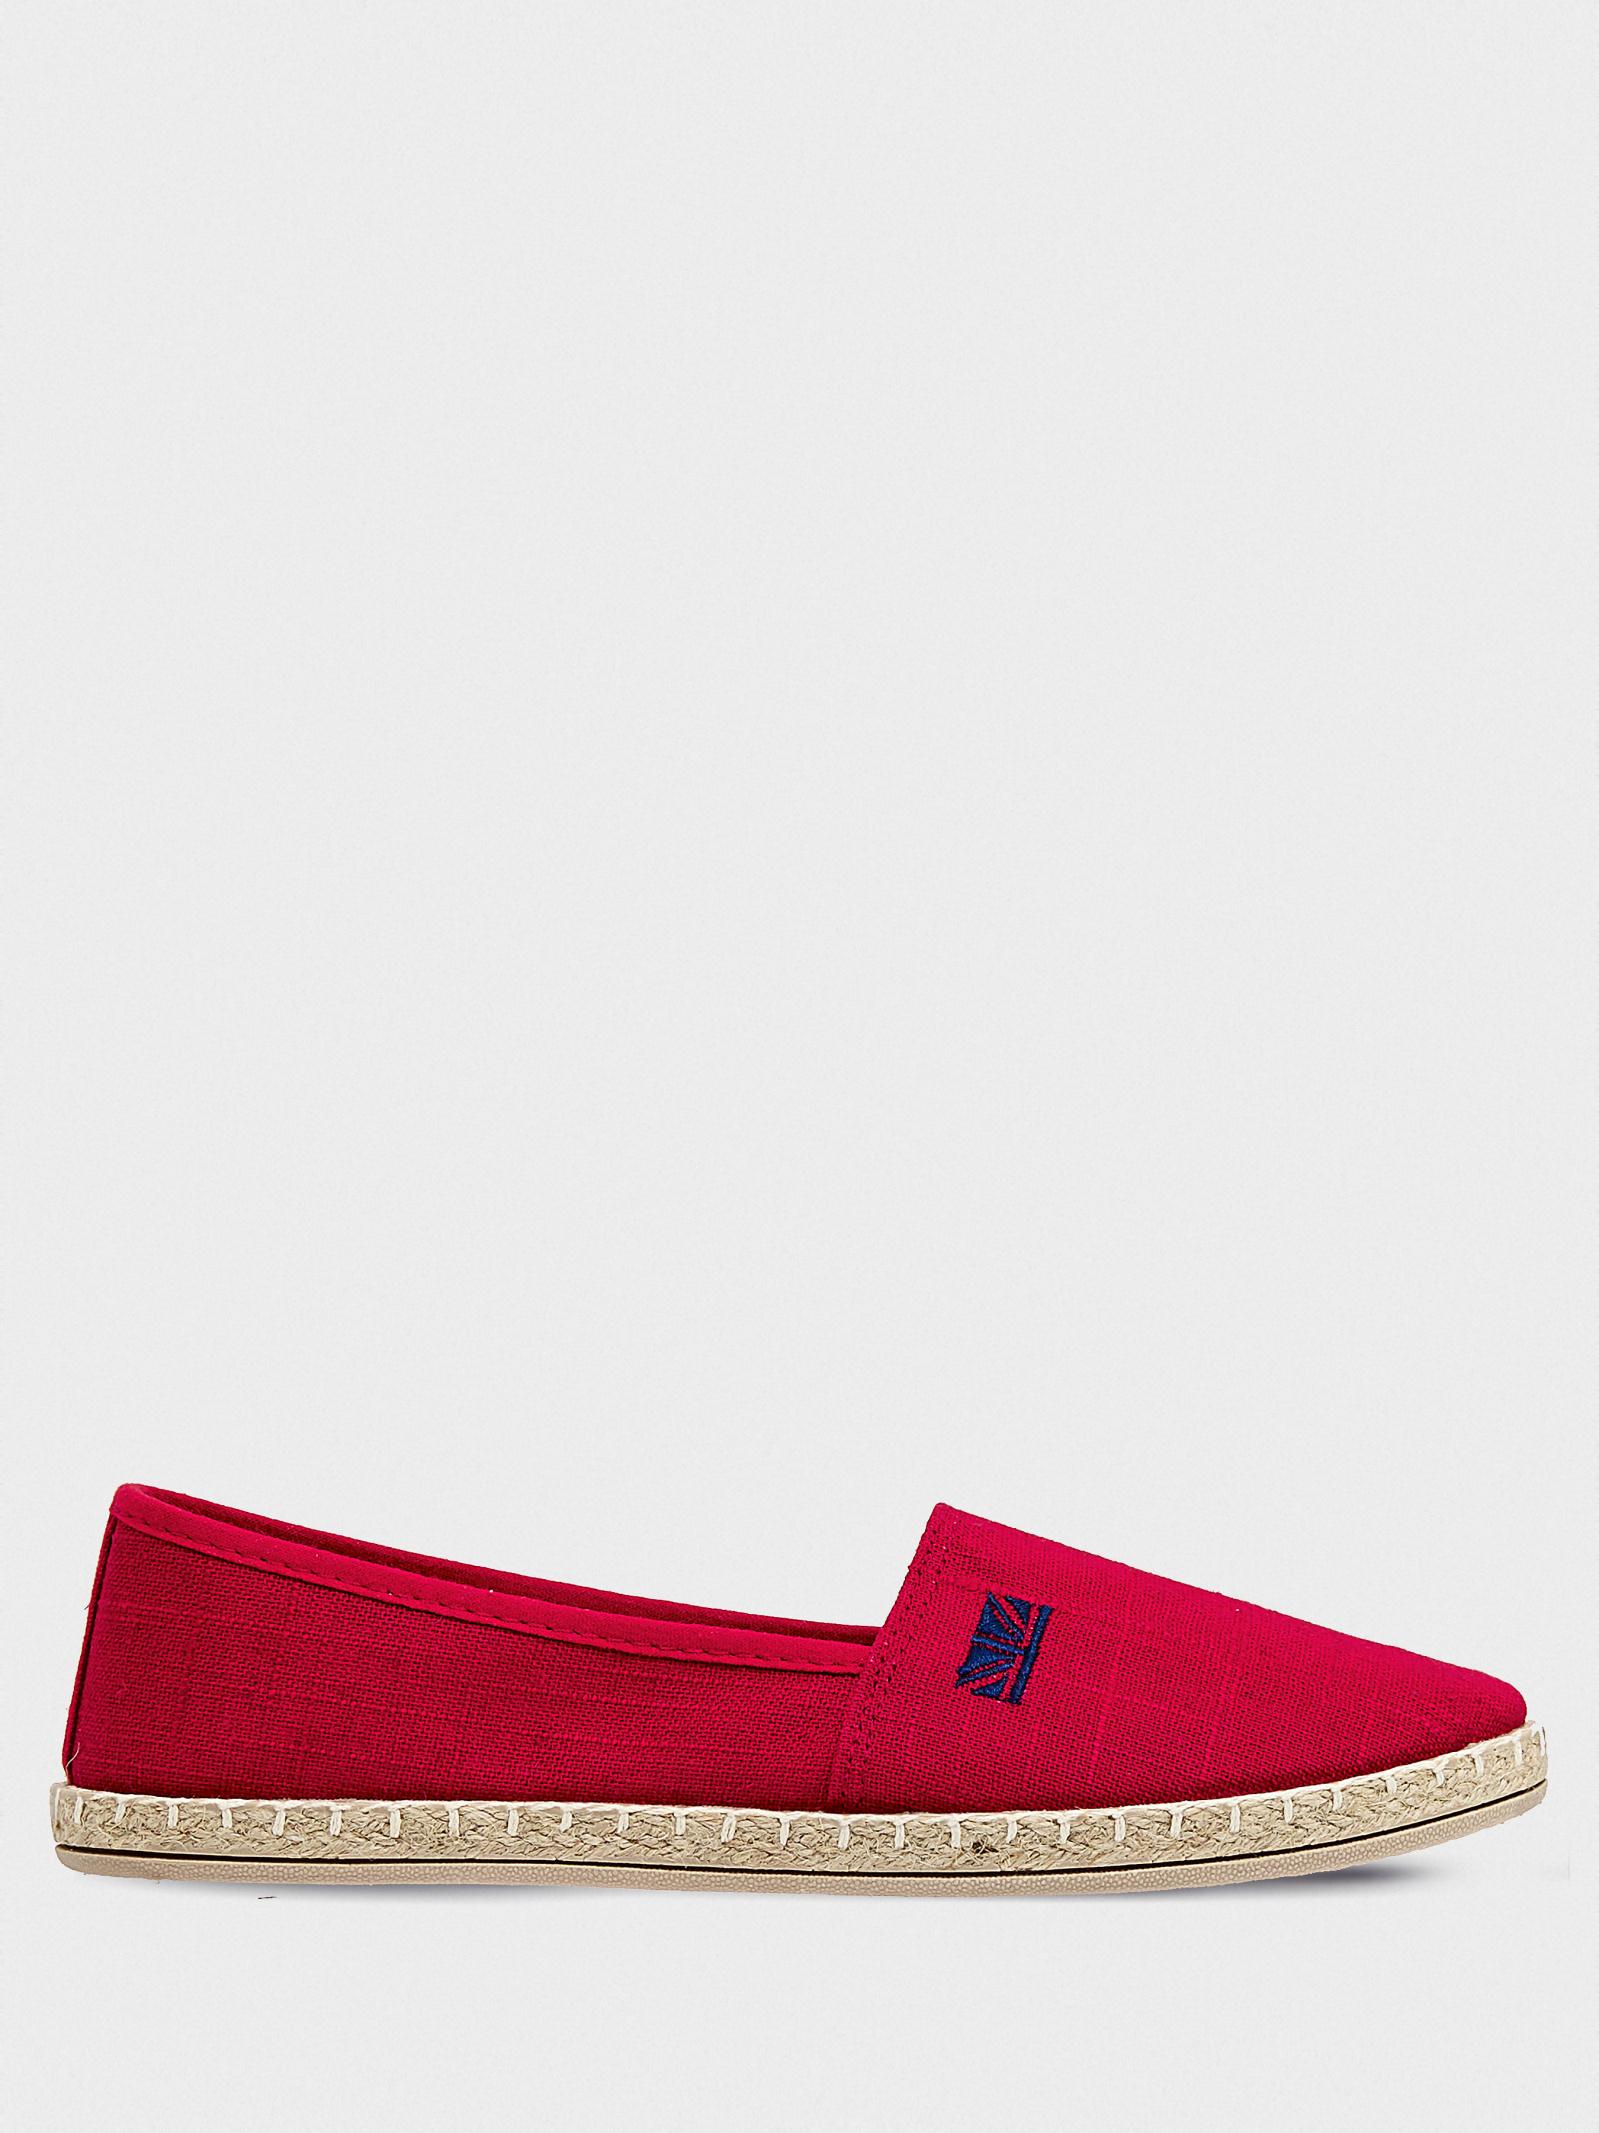 Сліпони  для жінок Crosby 407352/01-04 модне взуття, 2017